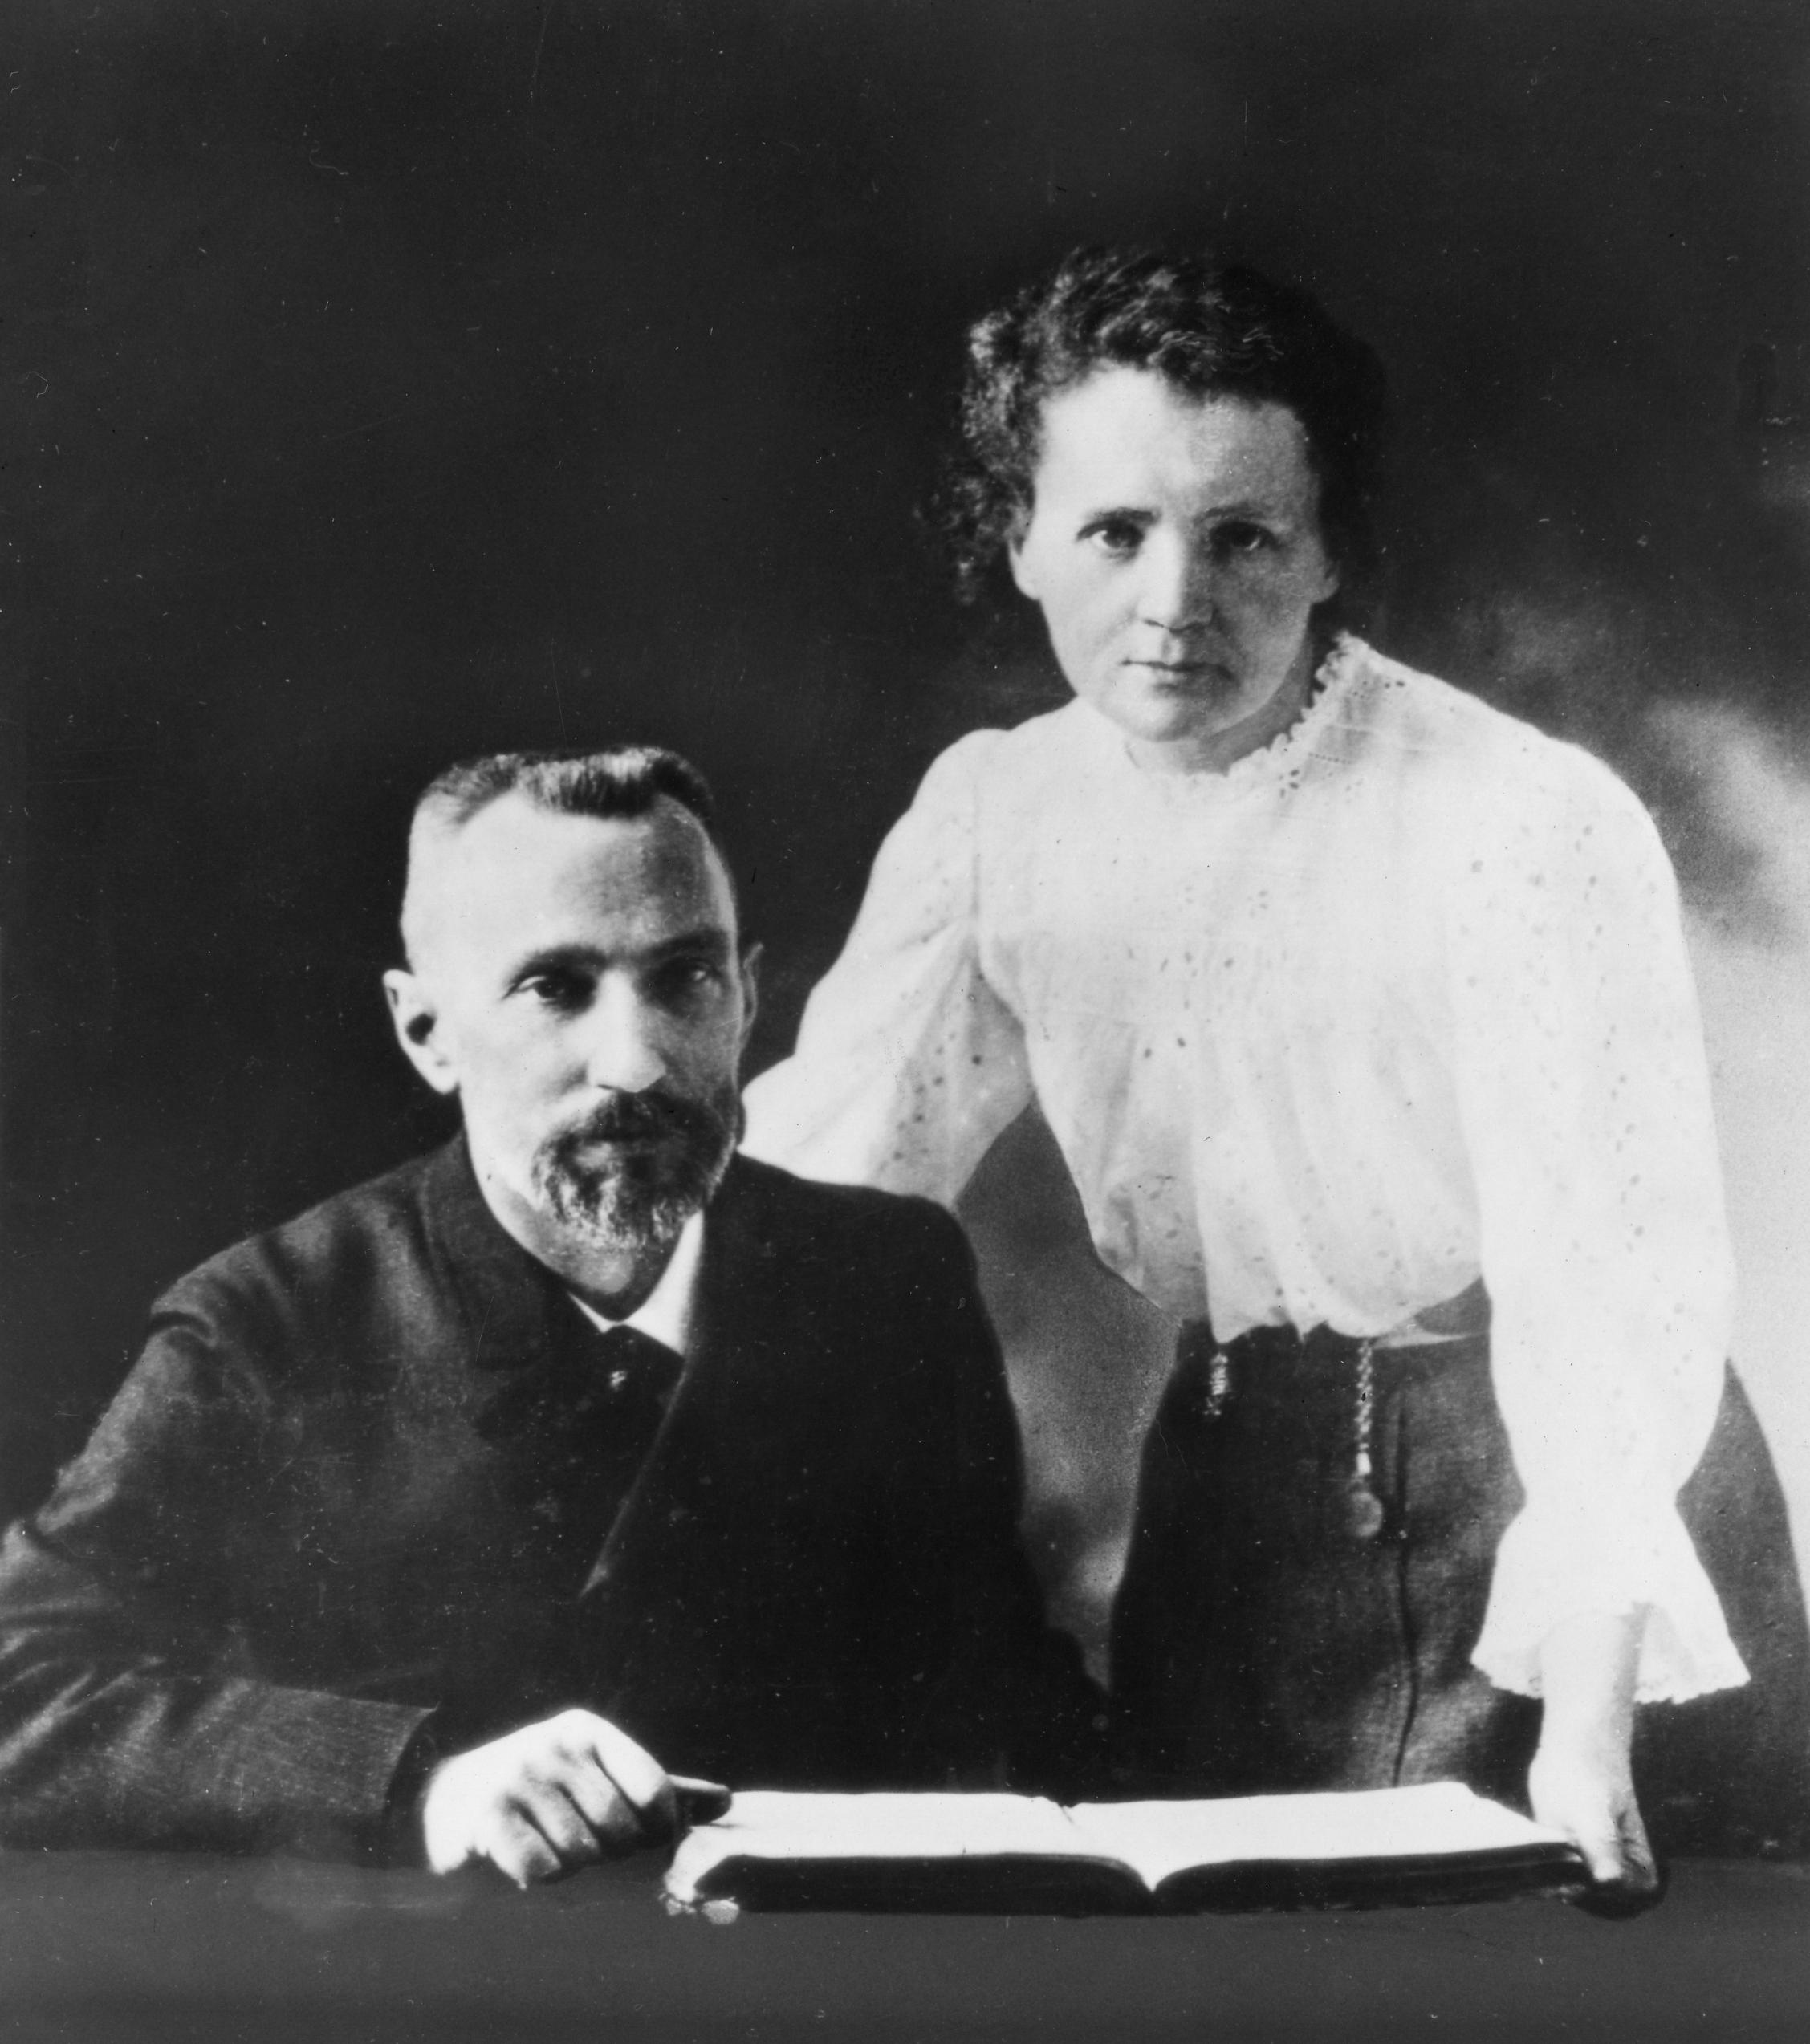 ピエール・キュ�ー - Pierre Curie - JapaneseClass.jp